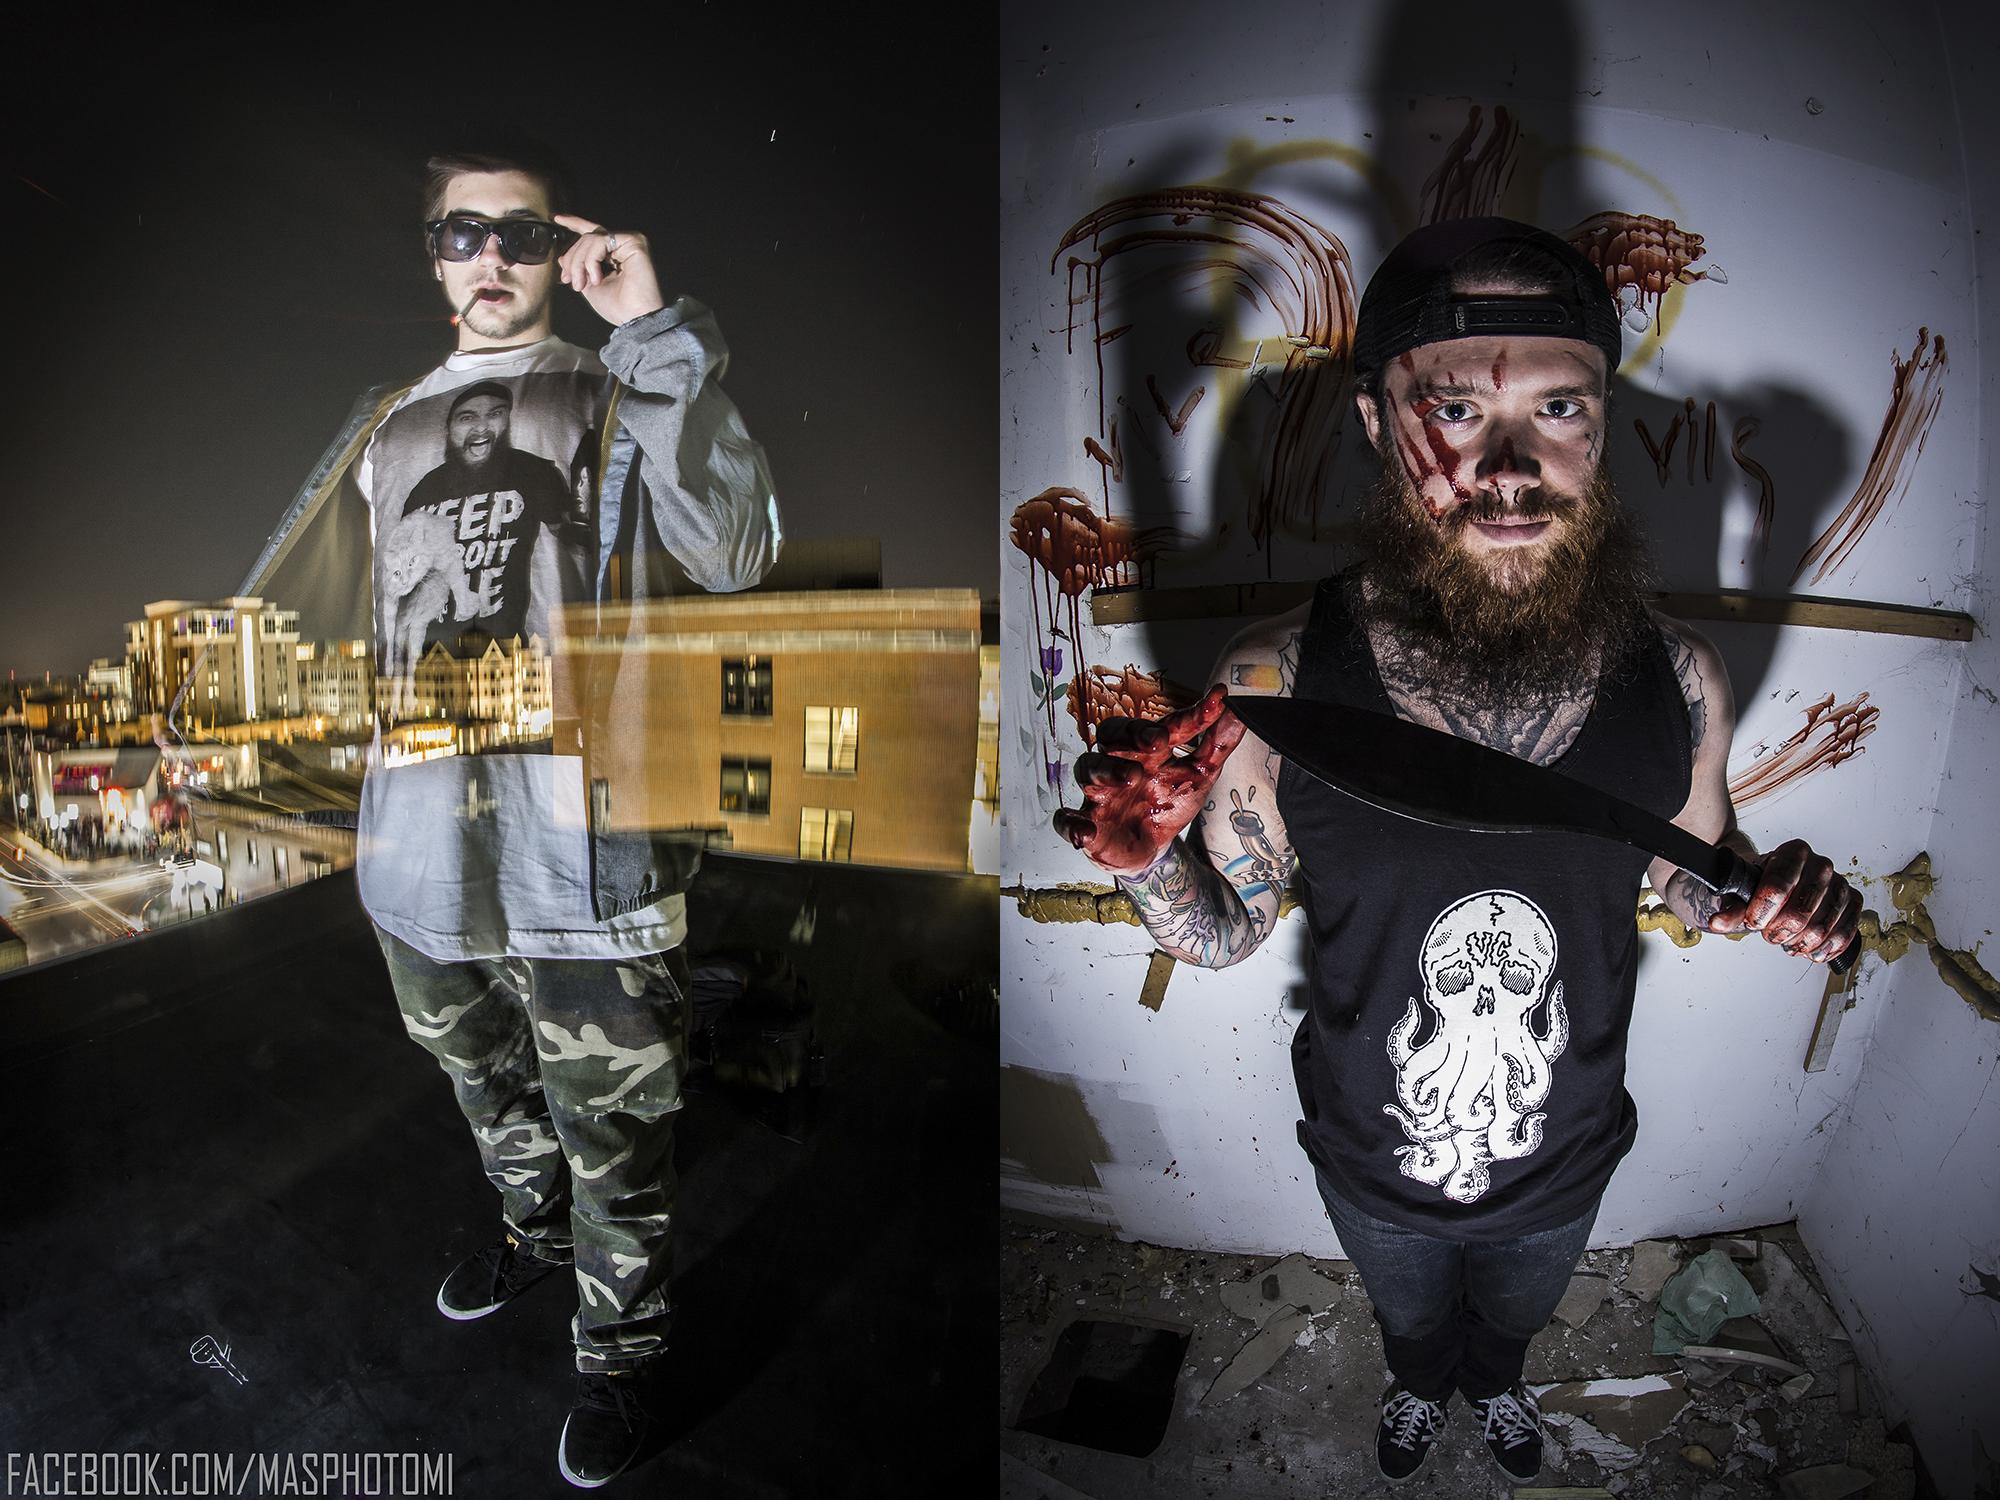 masphoto_webedit6_vile_vileco_vilecompany_detroit.jpg